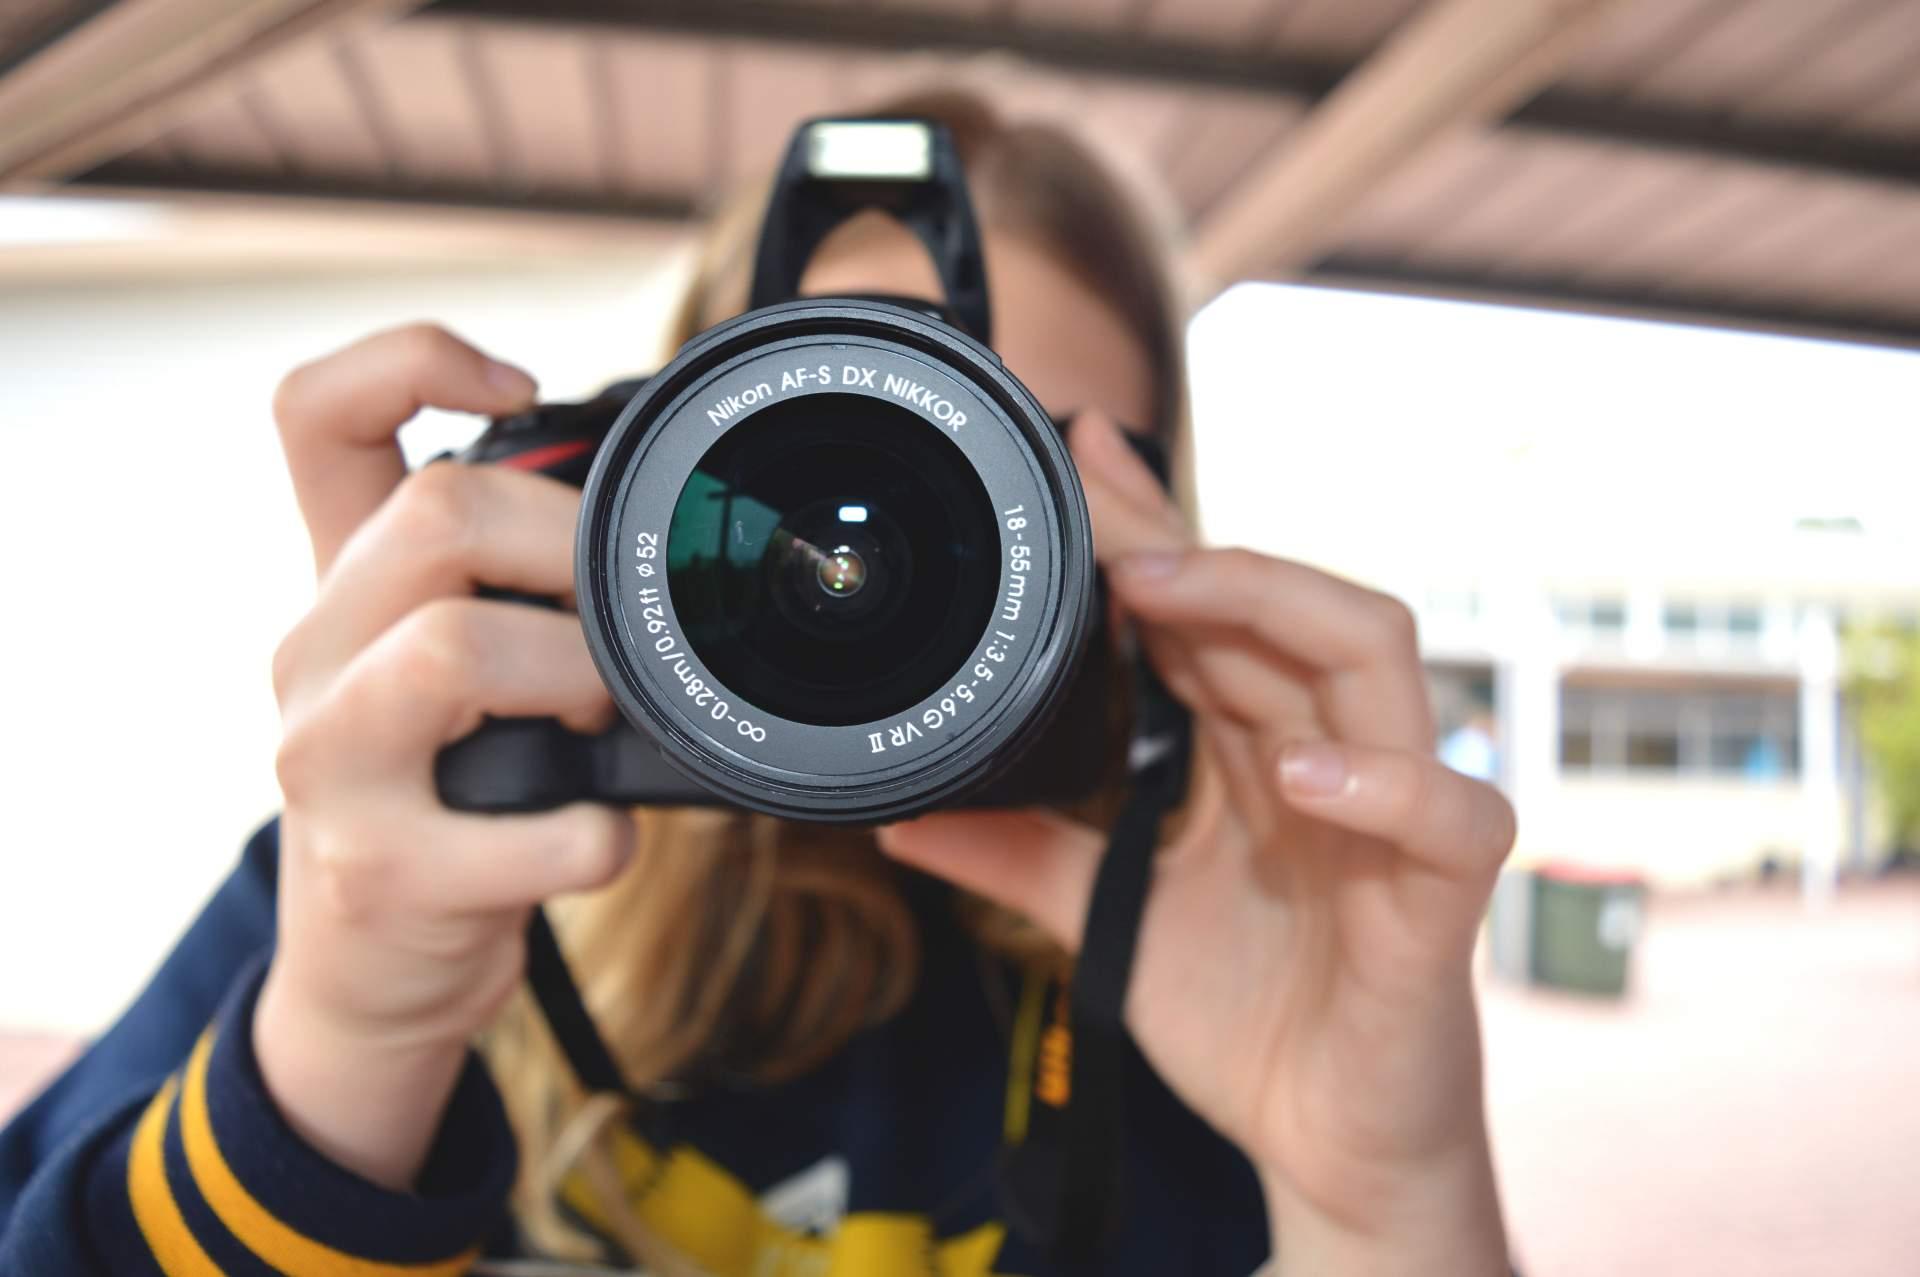 Da fühlt man sich sofort unwohl, oder? Ein Smartphone ist da deutlich diskreter. (Bild: Pexels.com)